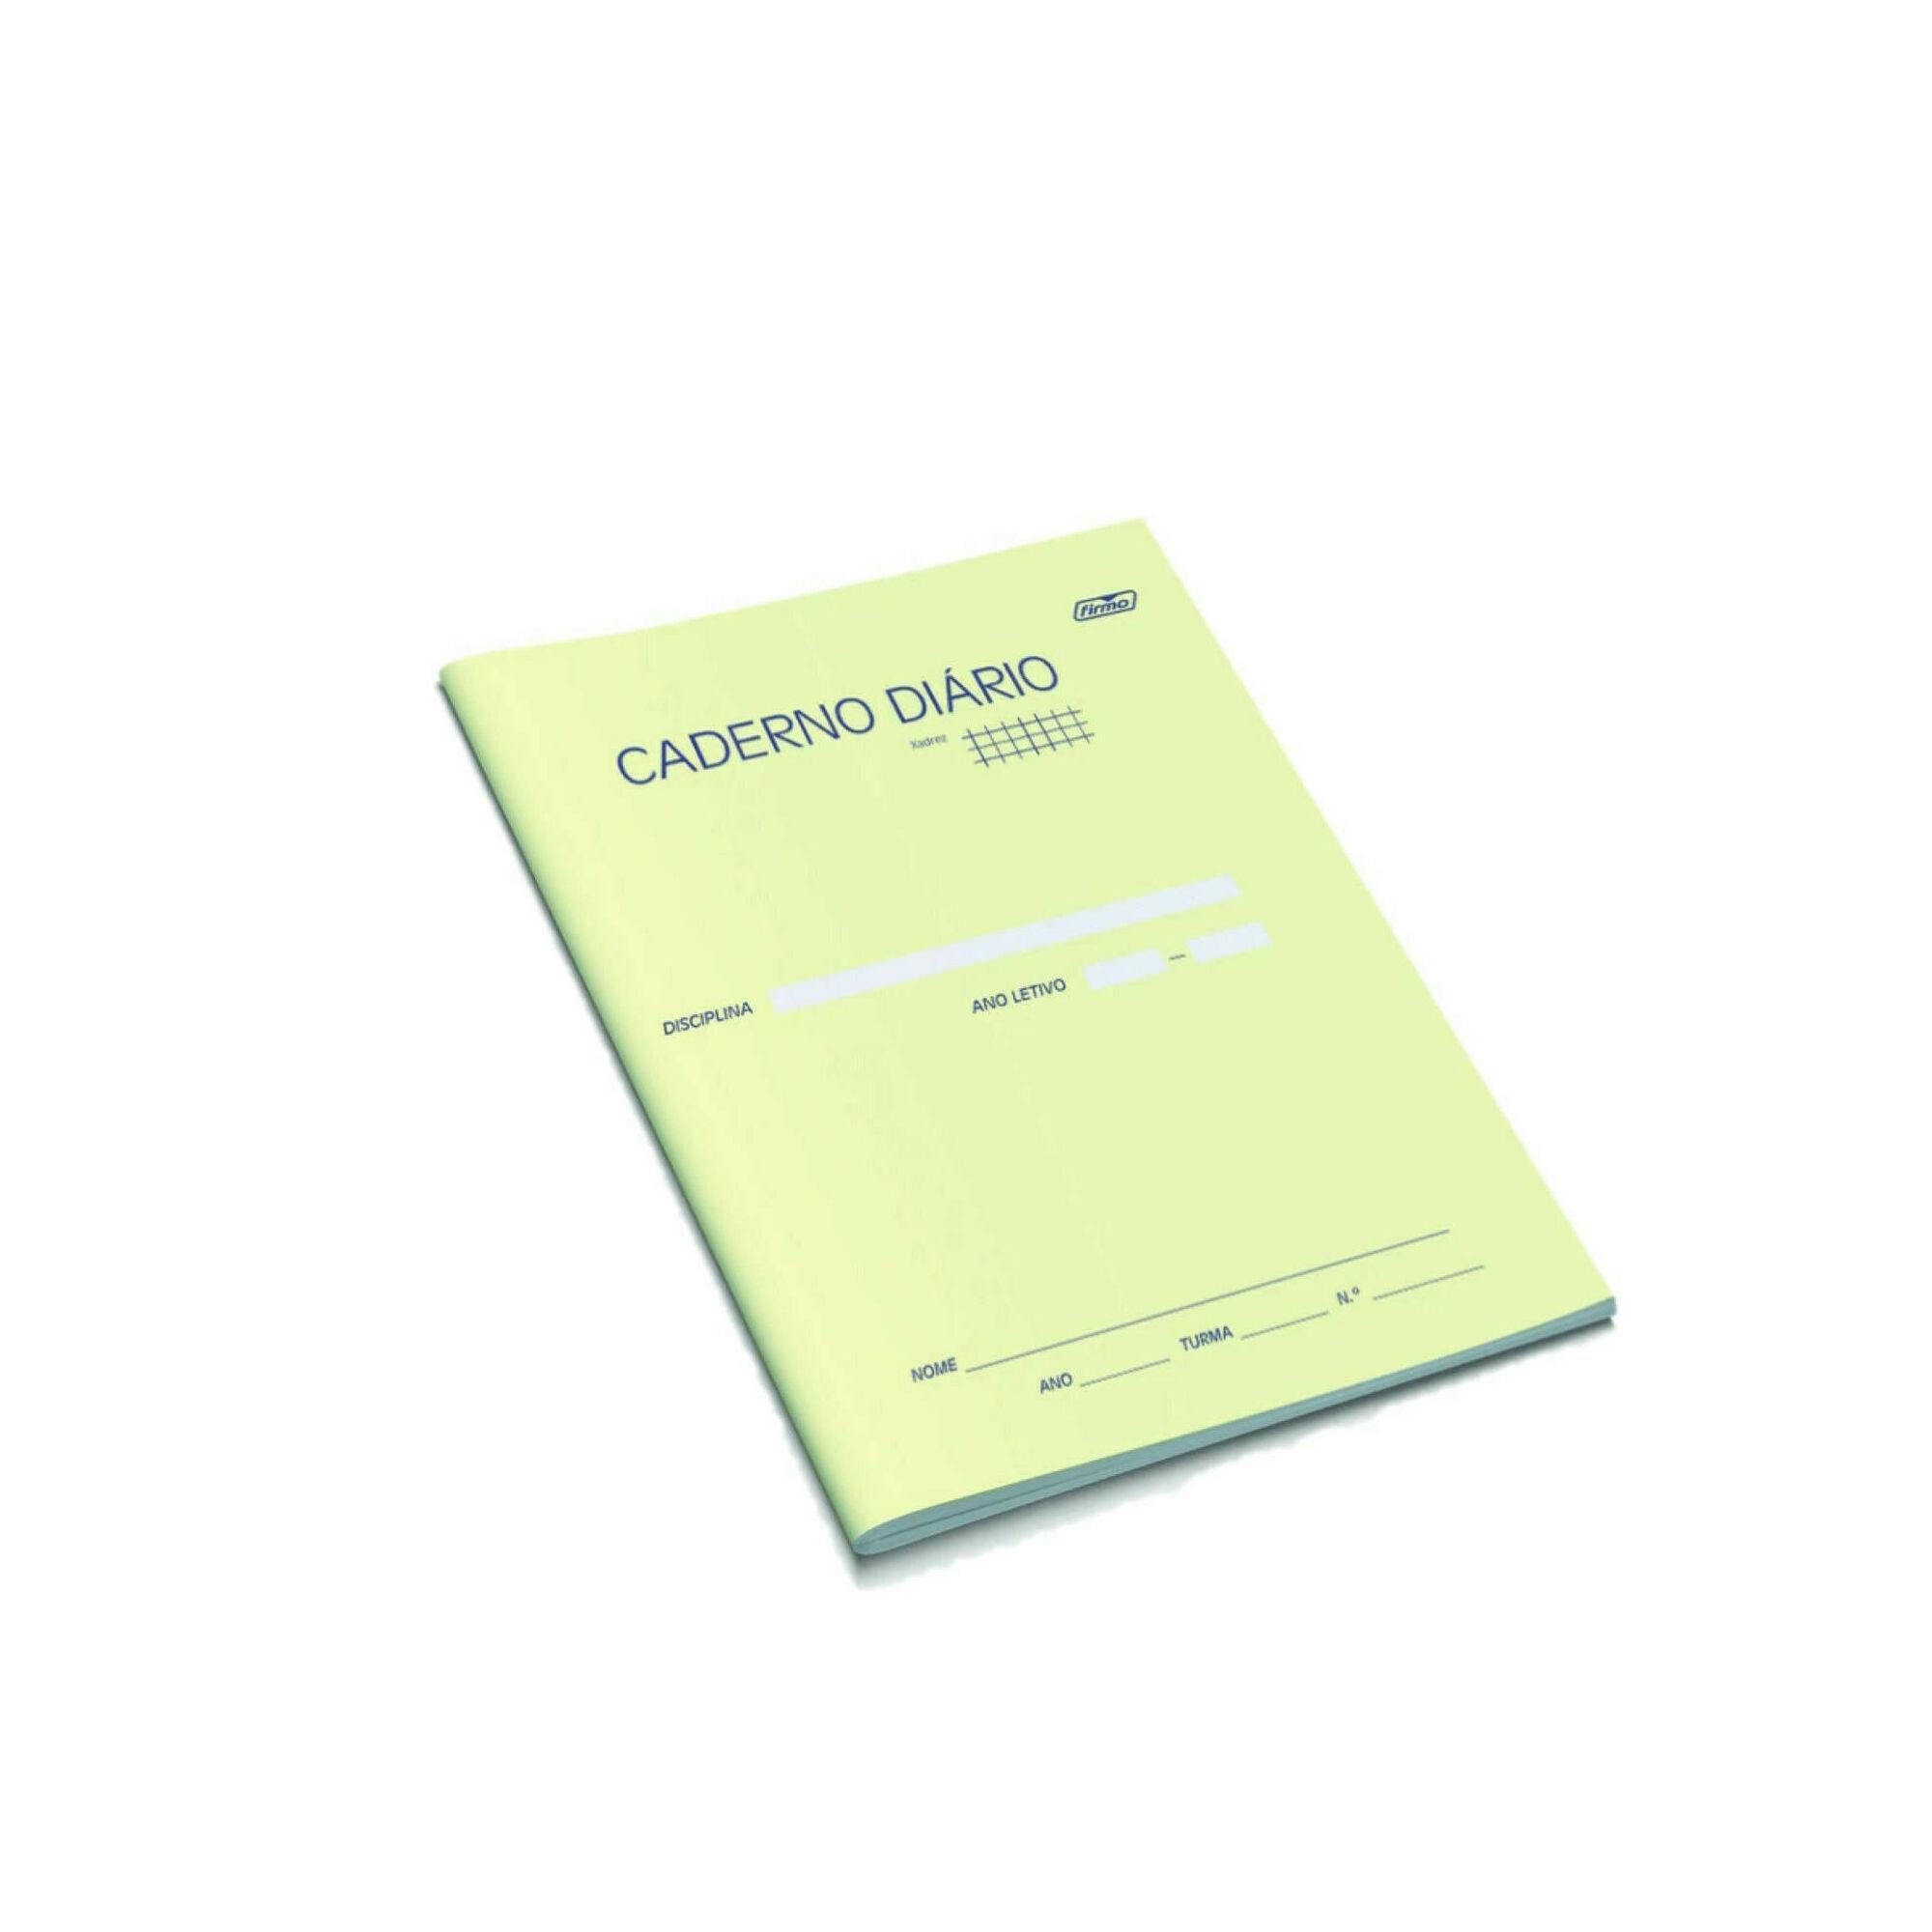 Caderno Diário Agrafado A5 Quadriculado